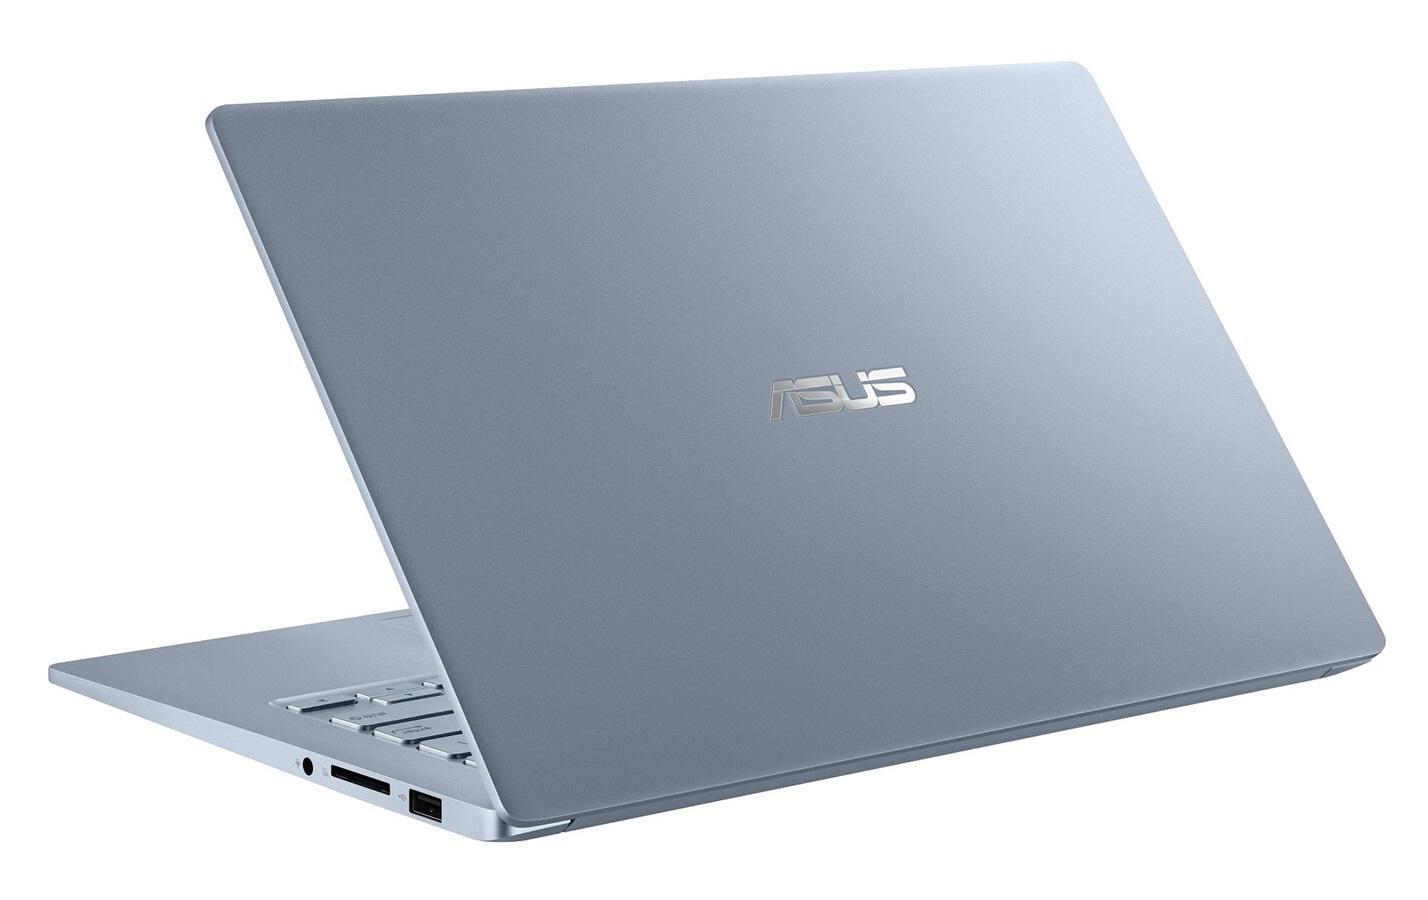 Ordinateur portable Asus VivoBook S403FA-EB250T Bleu Gris - photo 8